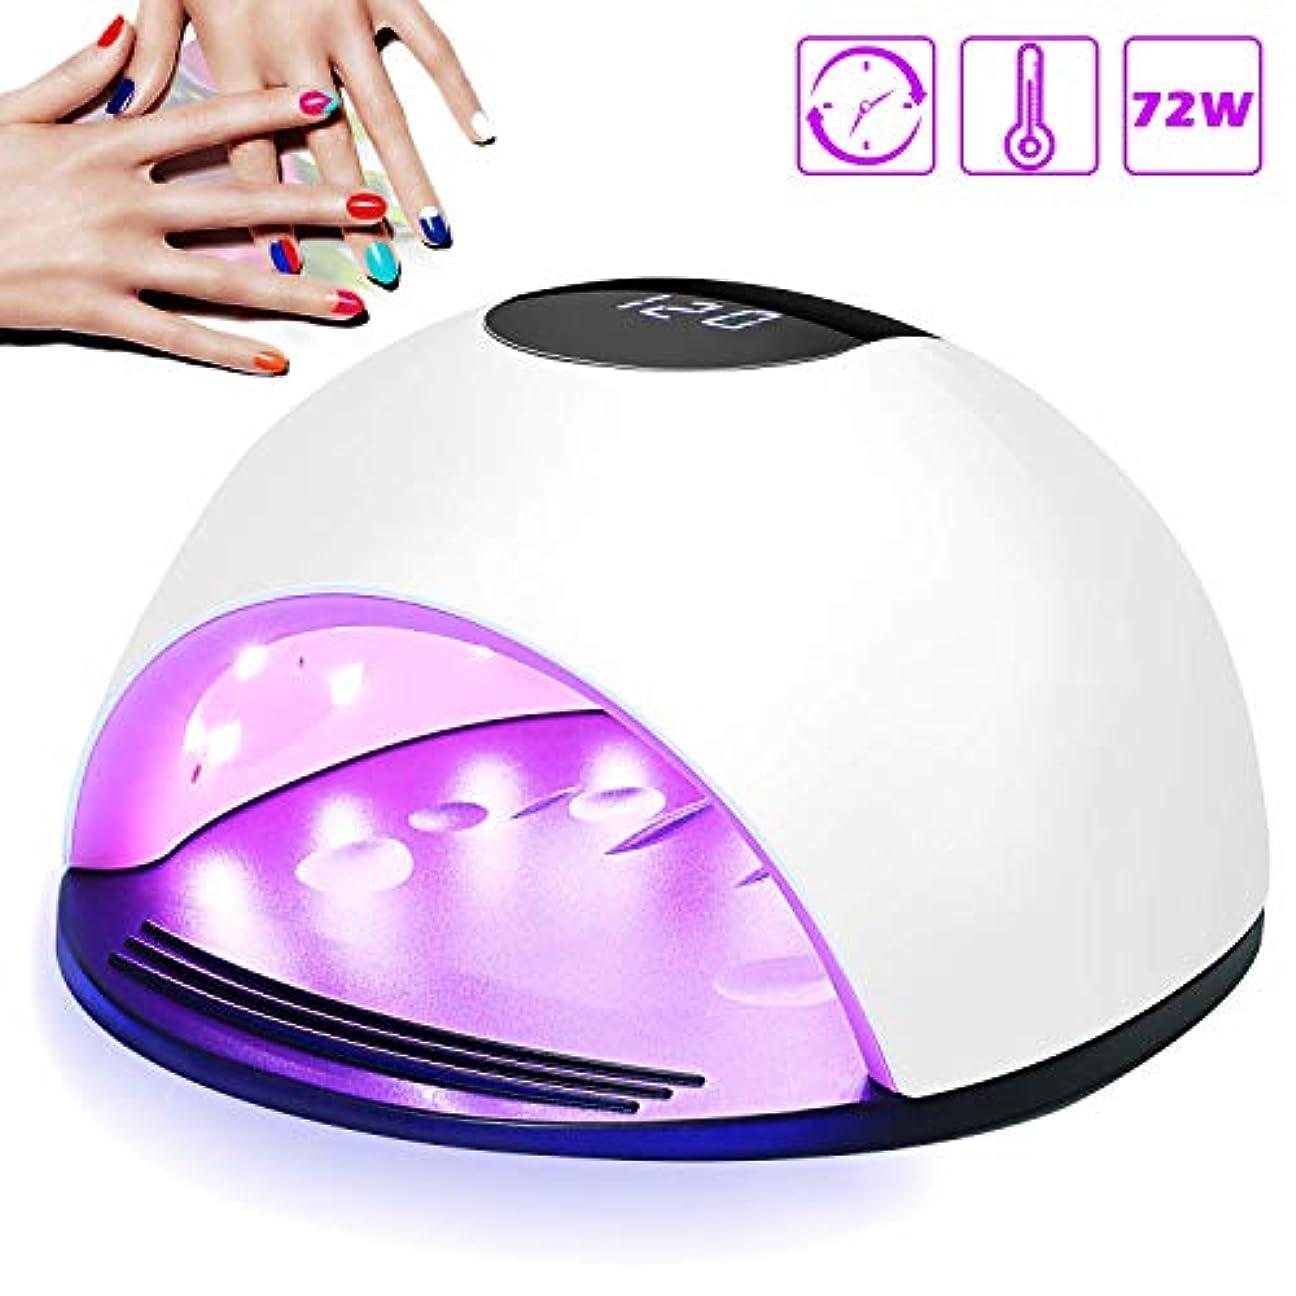 よろしく足首配分UV LEDネイルライト、自動センサー付きマニキュアおよびペディキュア用72Wプロフェッショナルネイルクリッパー、ジェルネイルポリッシュランプ用LCDディスプレイネイルライト